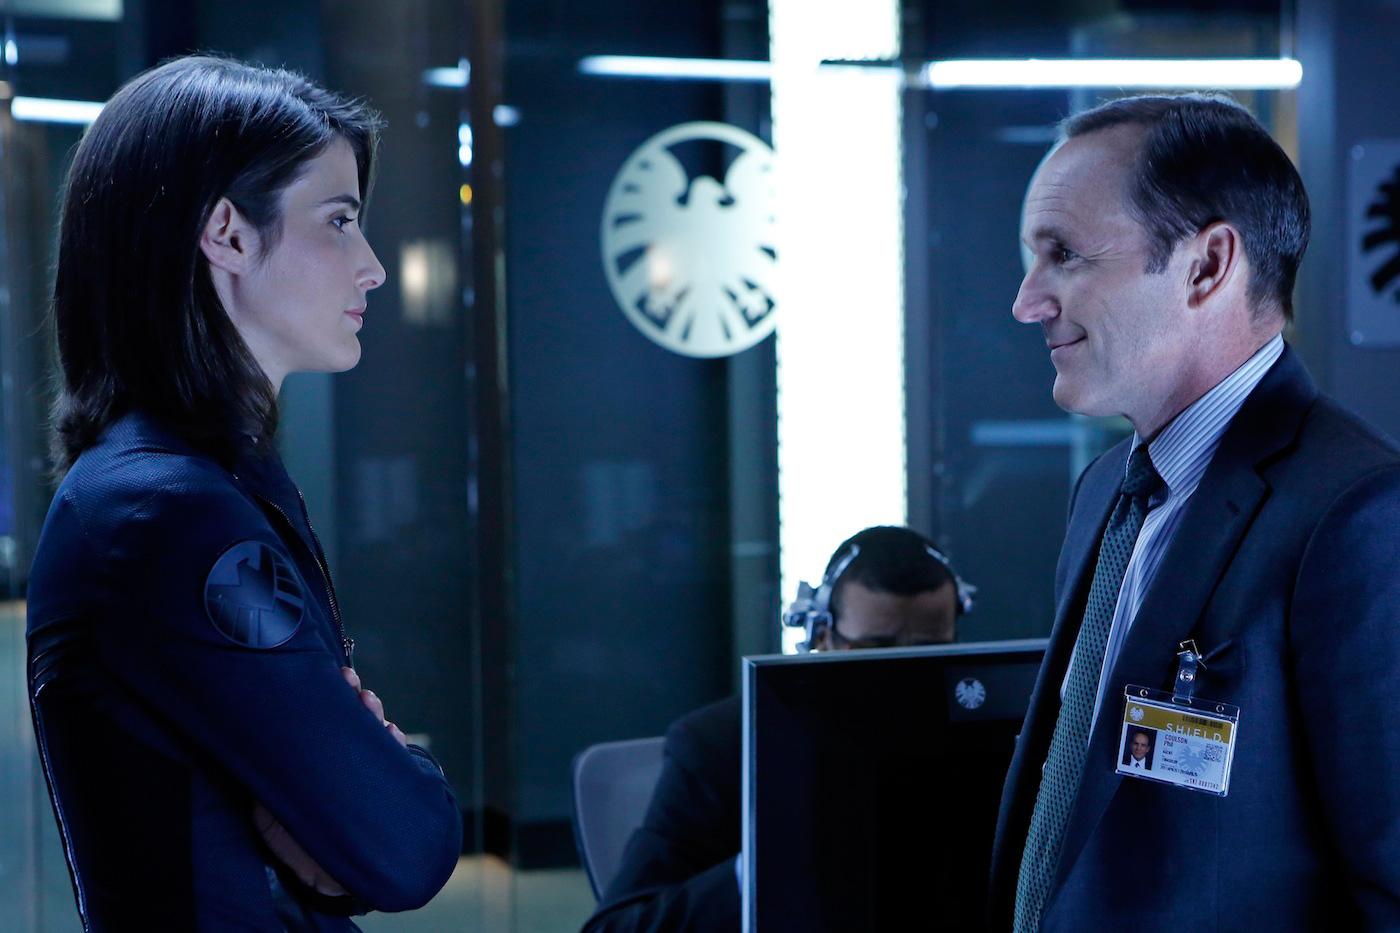 Bem-vindos ao nível 7: Agents of SHIELD (resenha)